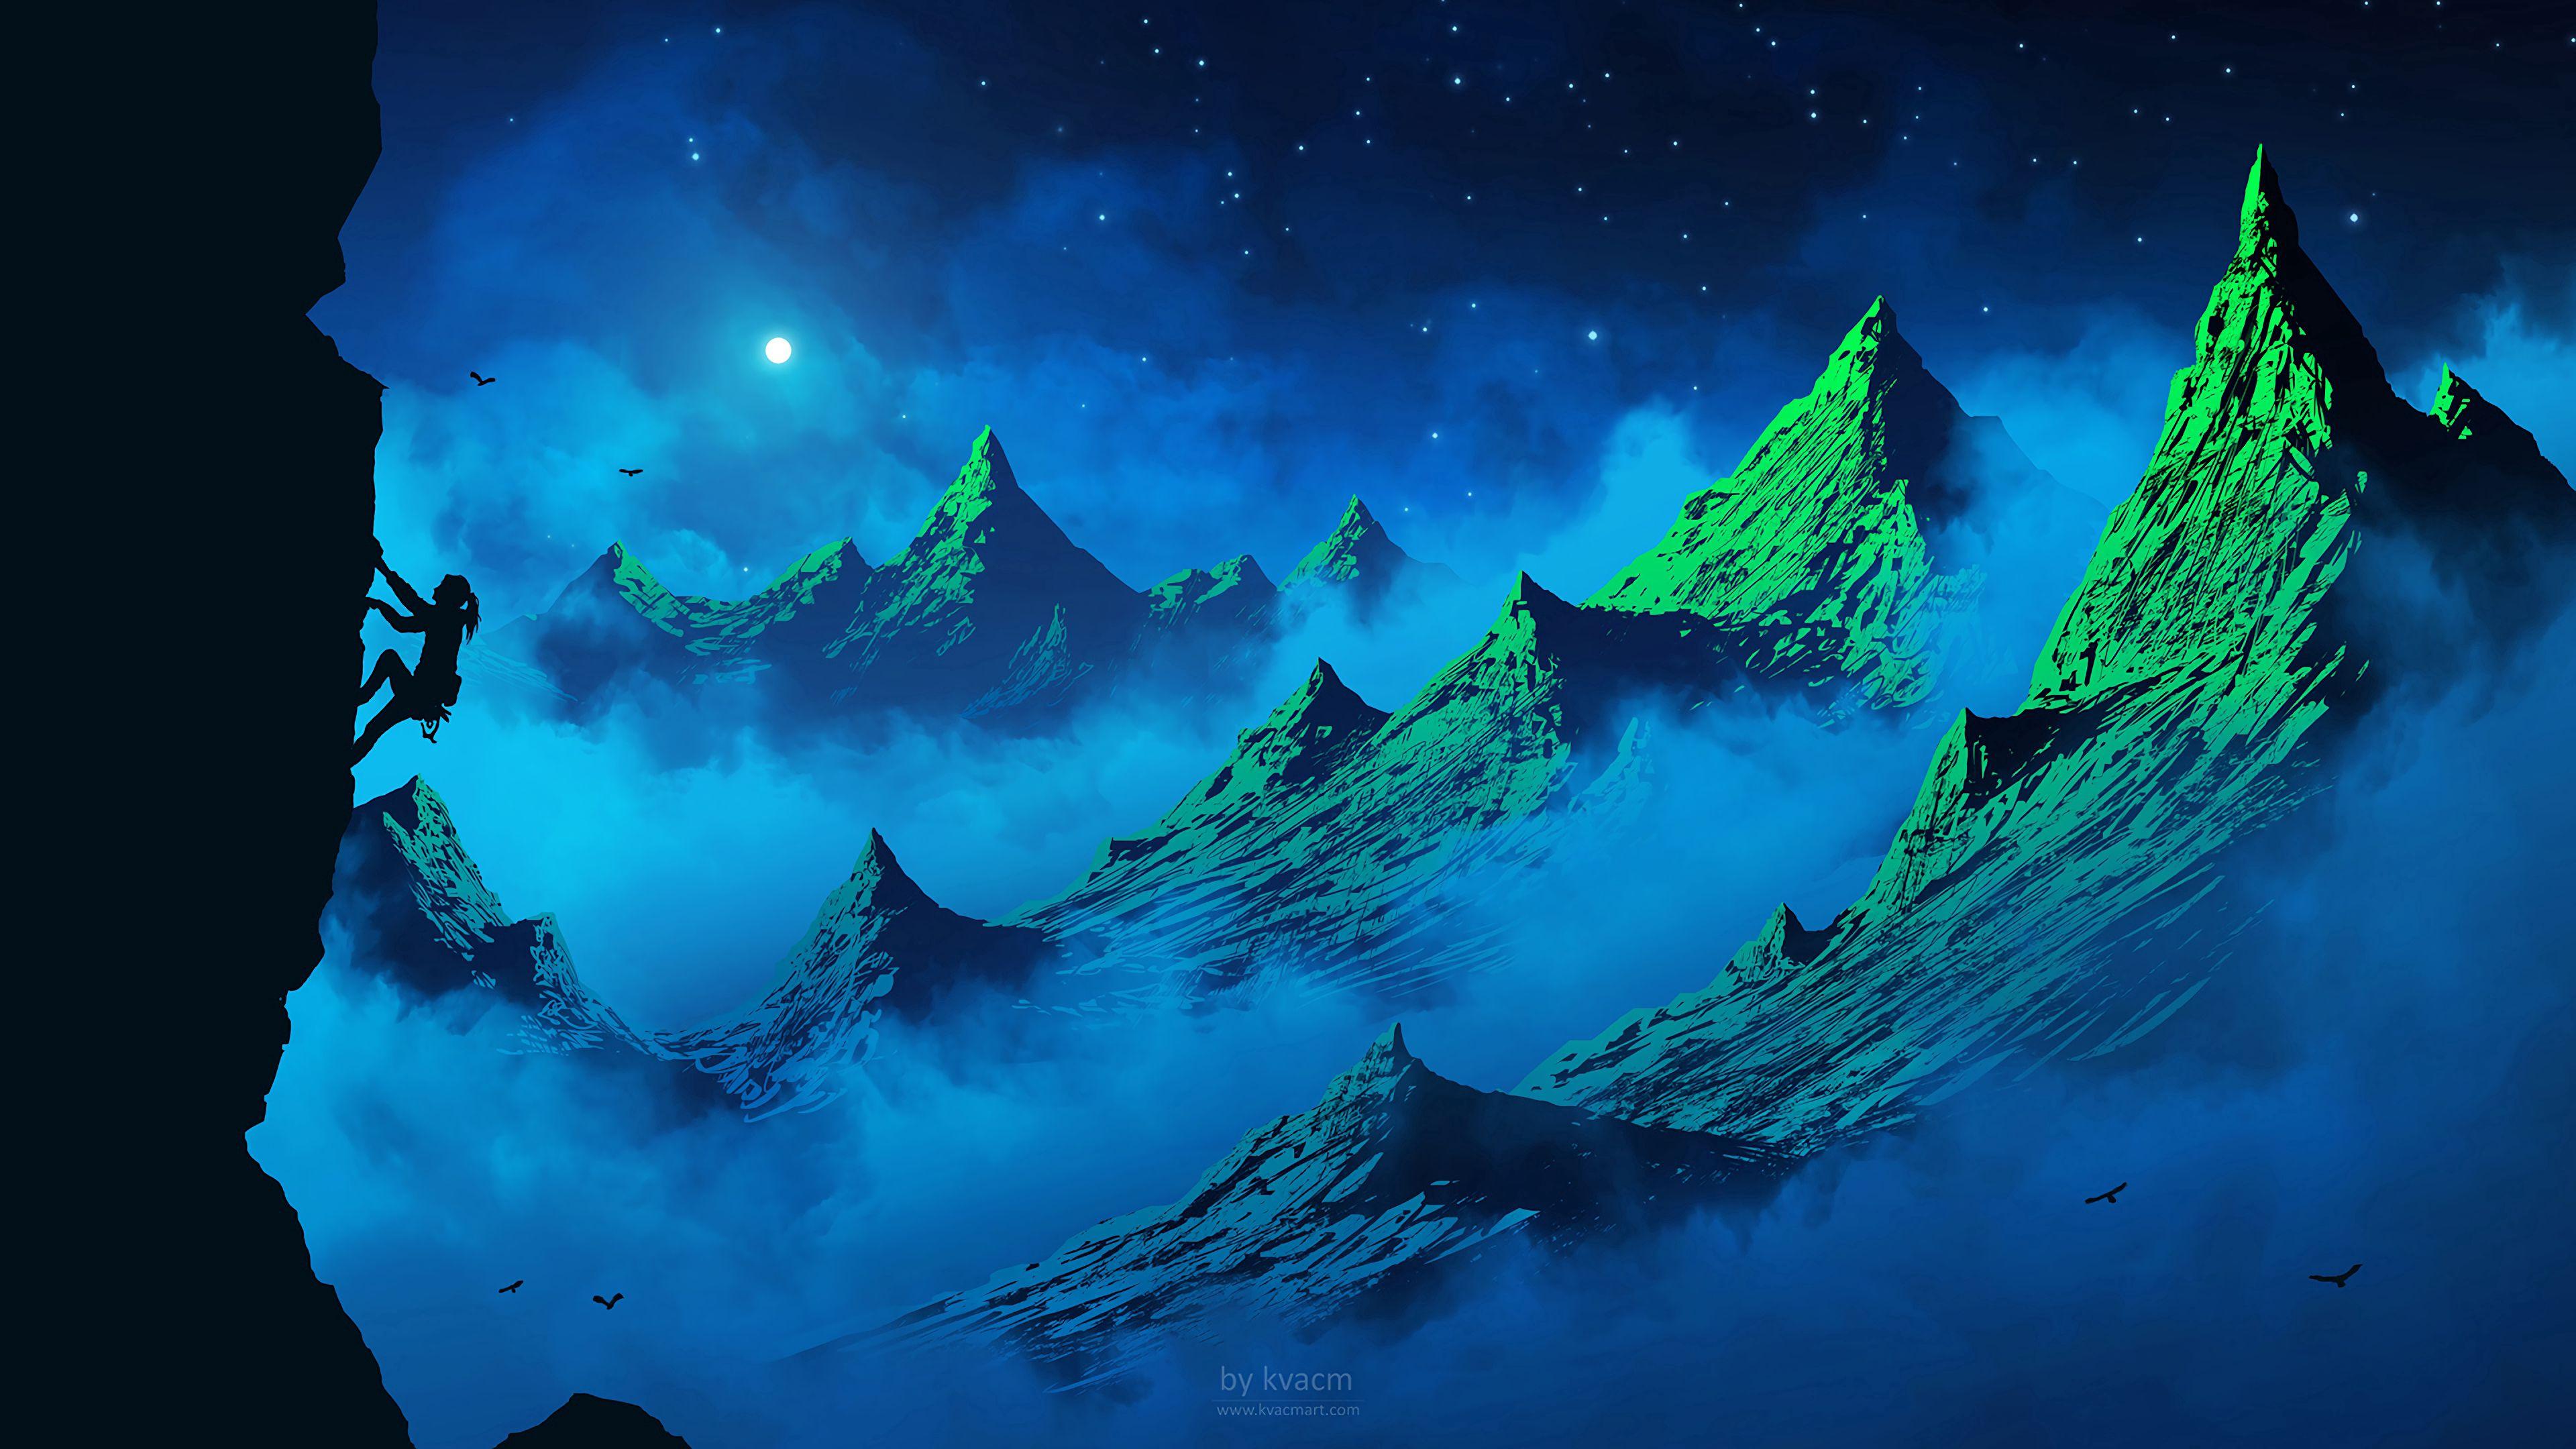 55453 Protetores de tela e papéis de parede Lua em seu telefone. Baixe Lua, Aves, Arte, Montanhas, Noite, Silhueta, Névoa, Nevoeiro, Menina, Garota, Alpinista, Alpinist fotos gratuitamente